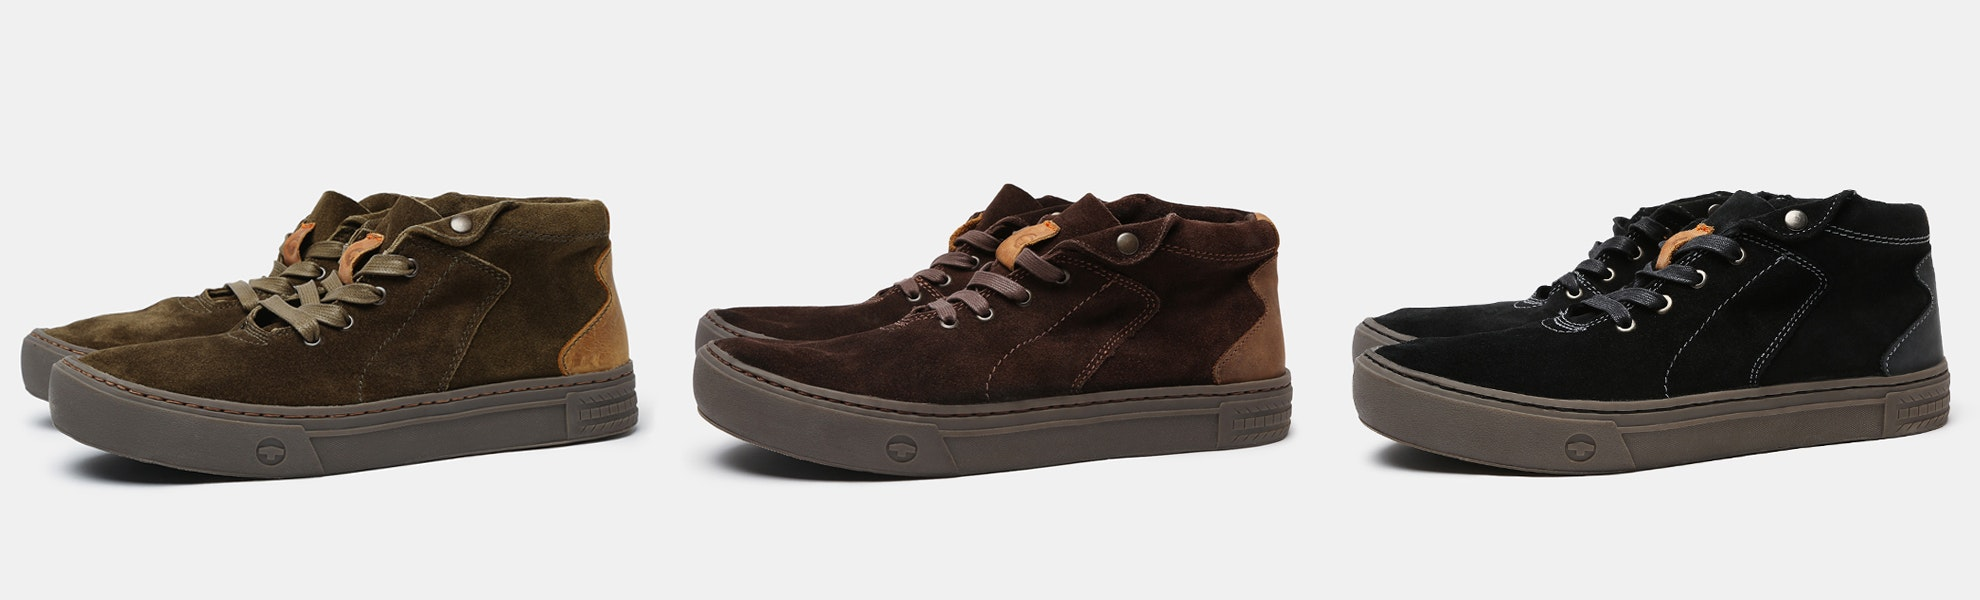 TREDAGAIN Hawthorne Suede Mid-Top Sneaker